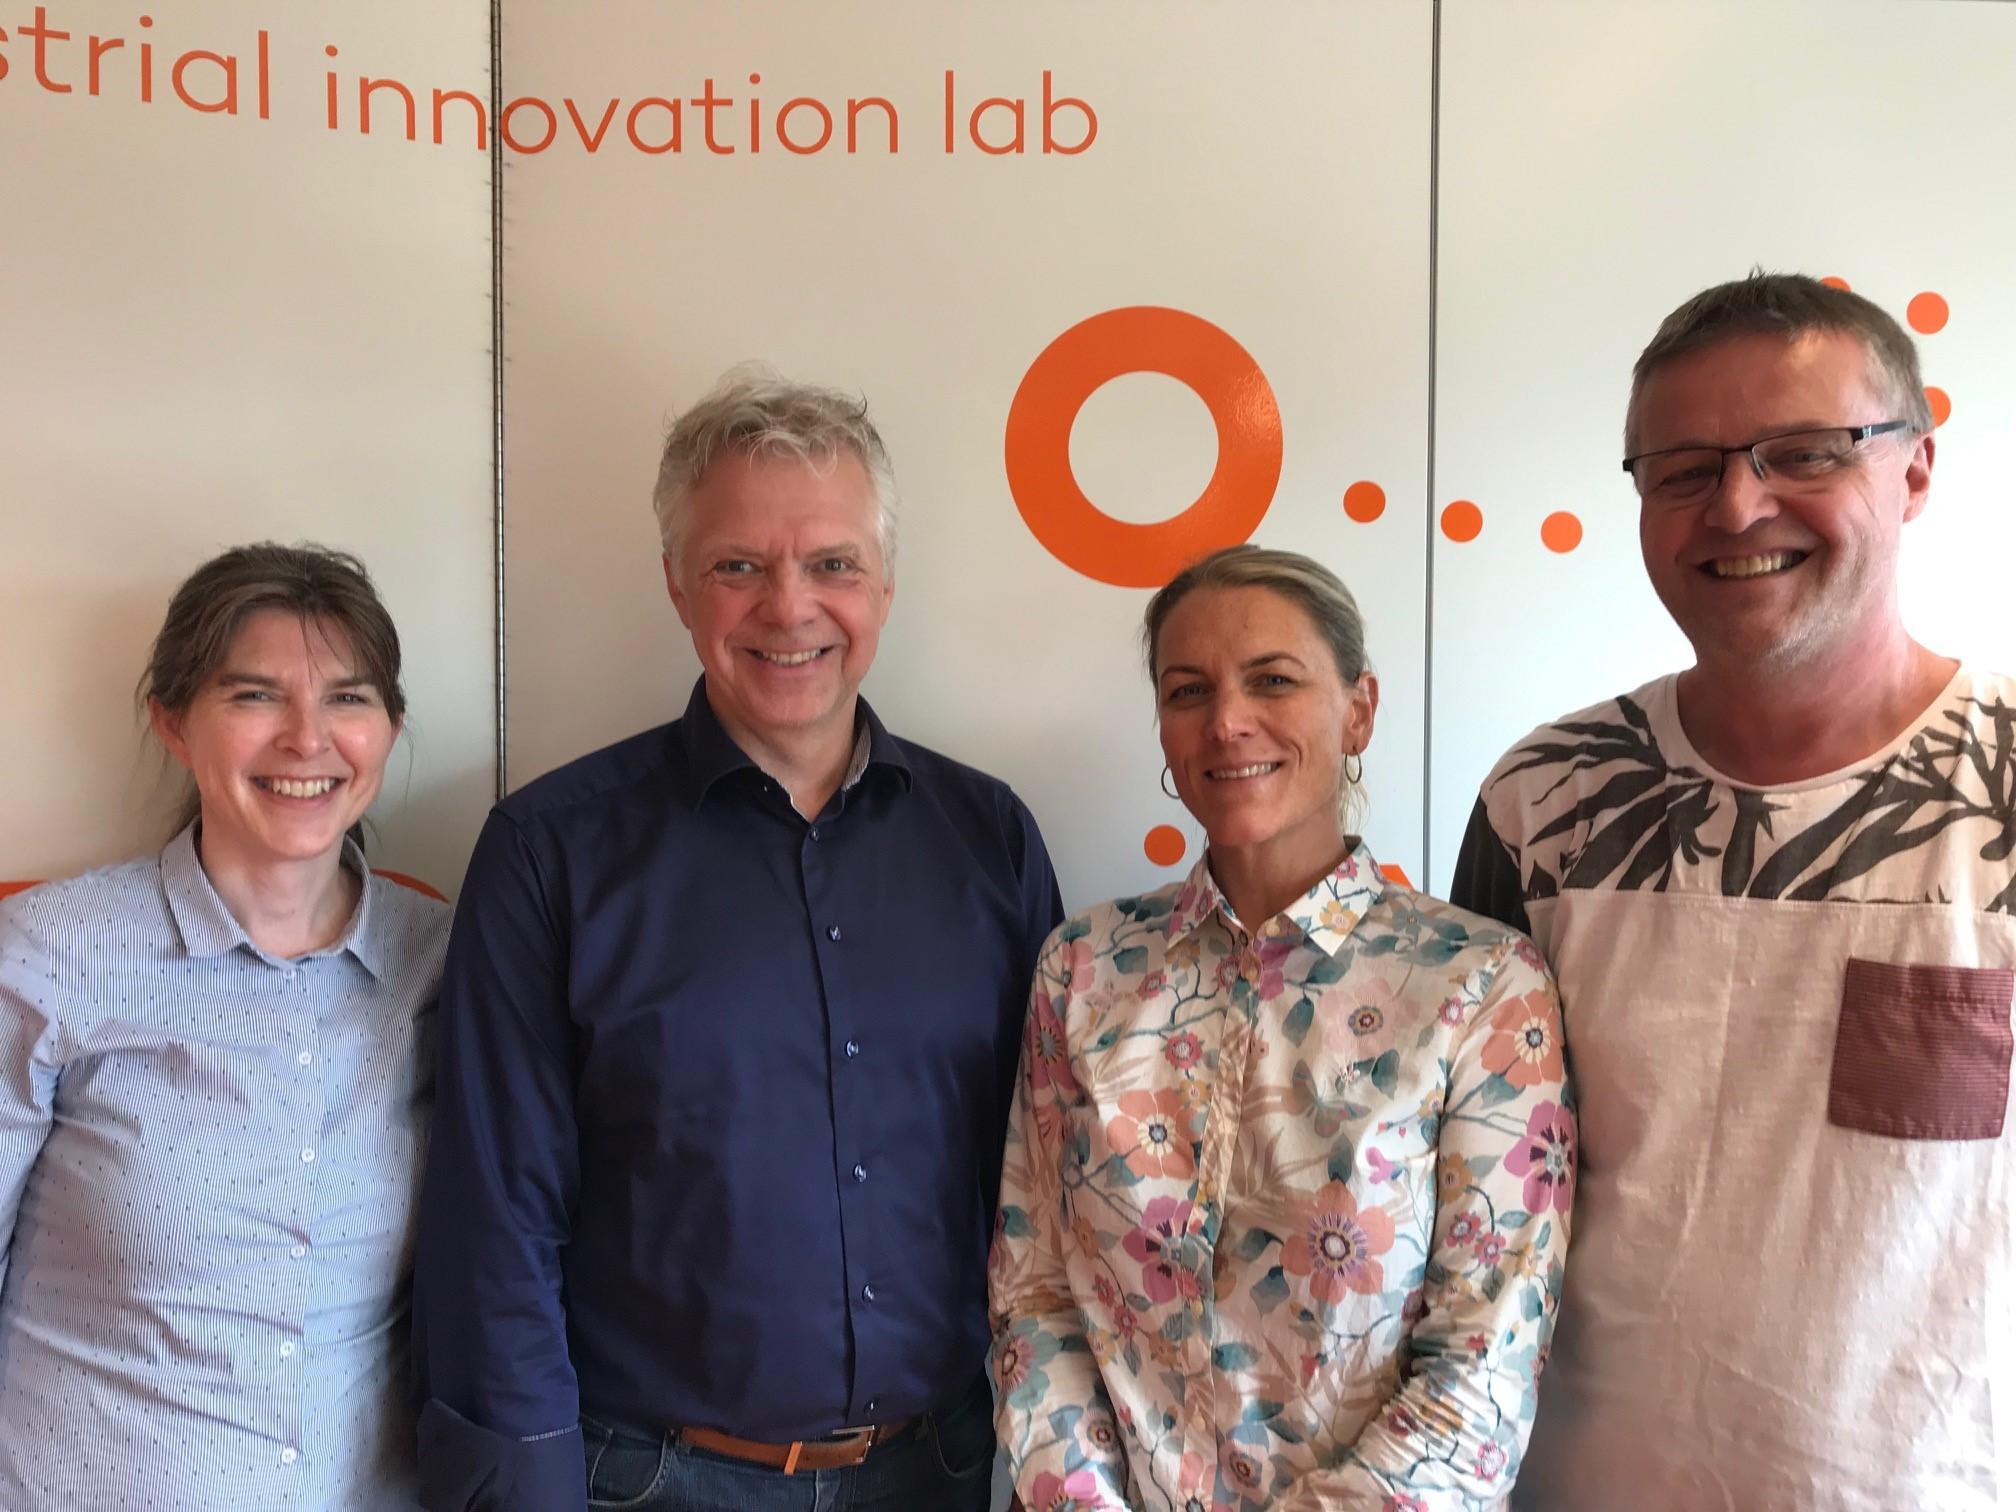 Fra venstre: Hilde Aspås, daglig leder i NCE iKuben, Gaute Knutstad, forskningssjef i Sintef Manufacturing, Karen Landmark, EU- og FoU-rådgiver NCE iKuben og Arne Larsen, prosjektleder NCE iKuben.